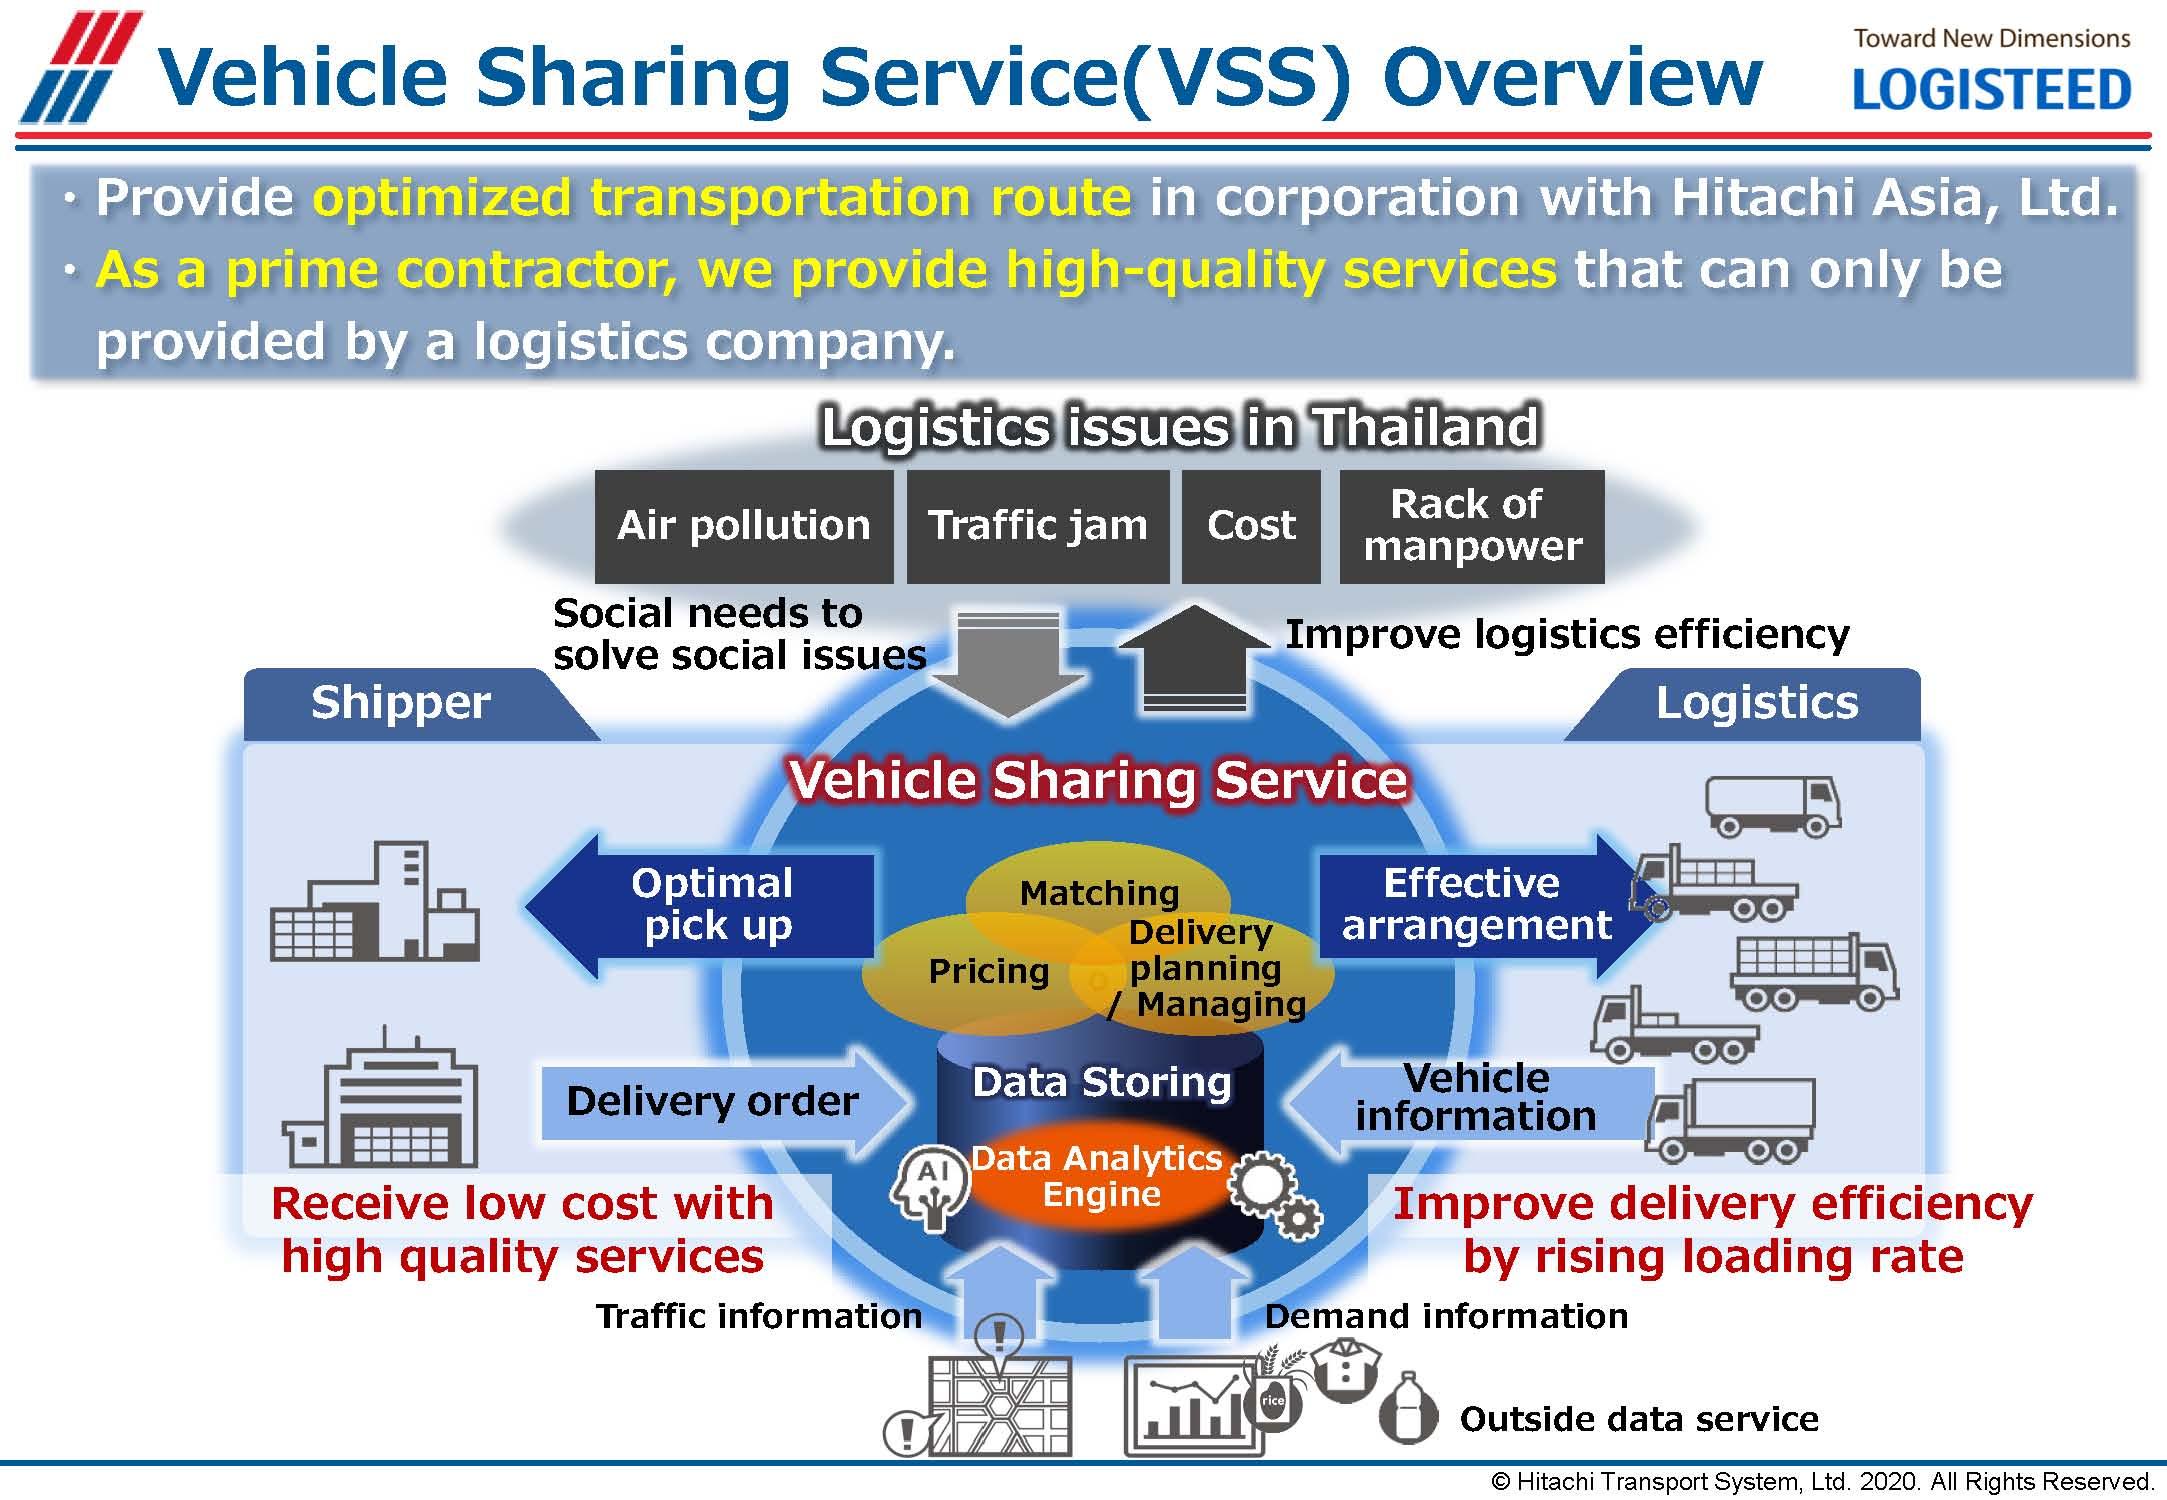 แผนภาพโครงสร้าง Vehicle Sharing Service (VSS)